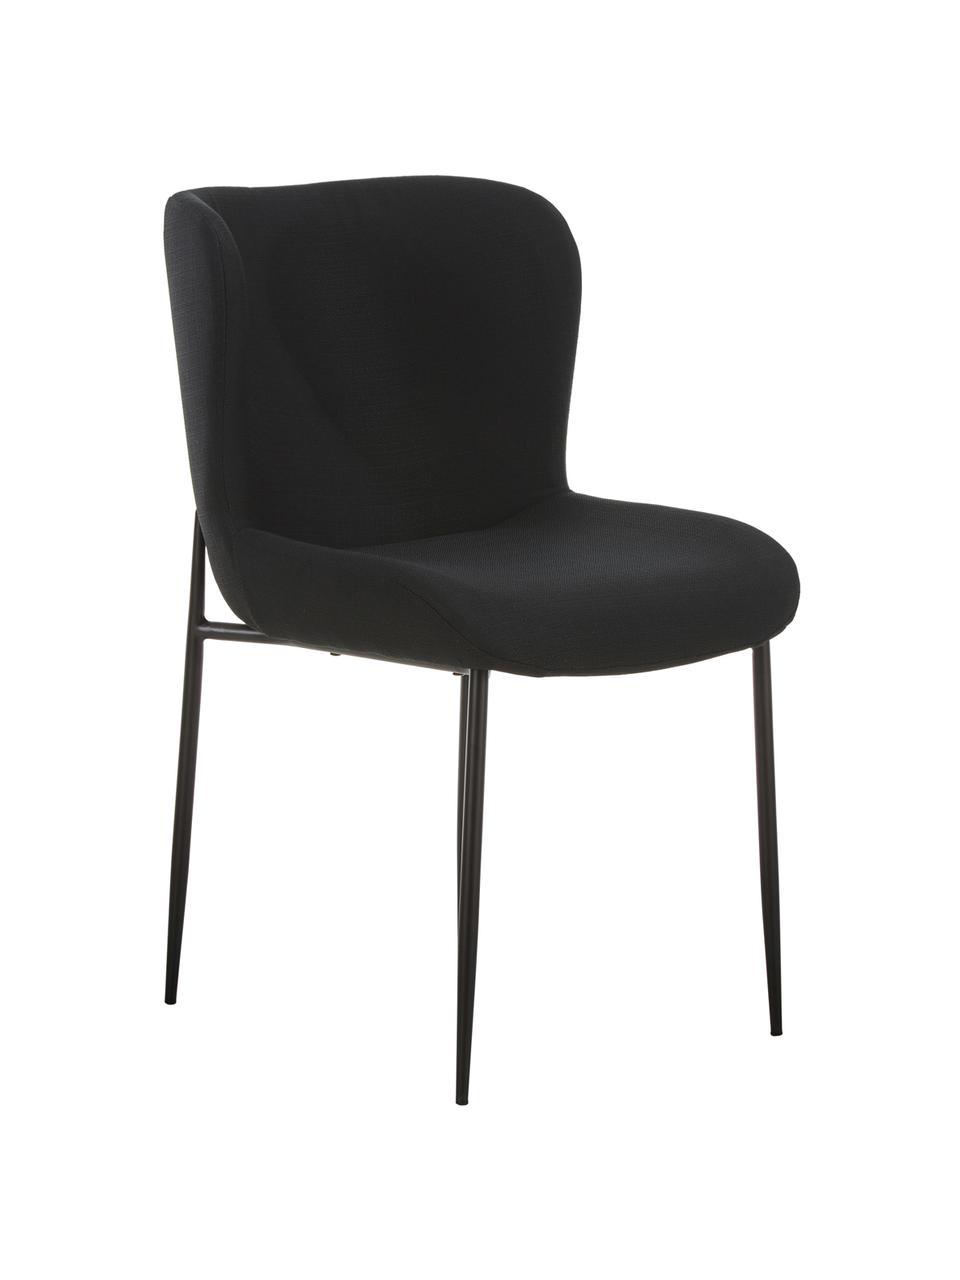 Gestoffeerde stoel Tess in zwart, Bekleding: polyester, Poten: gepoedercoat metaal, Geweven stof zwart, poten zwart, B 49 x D 64 cm